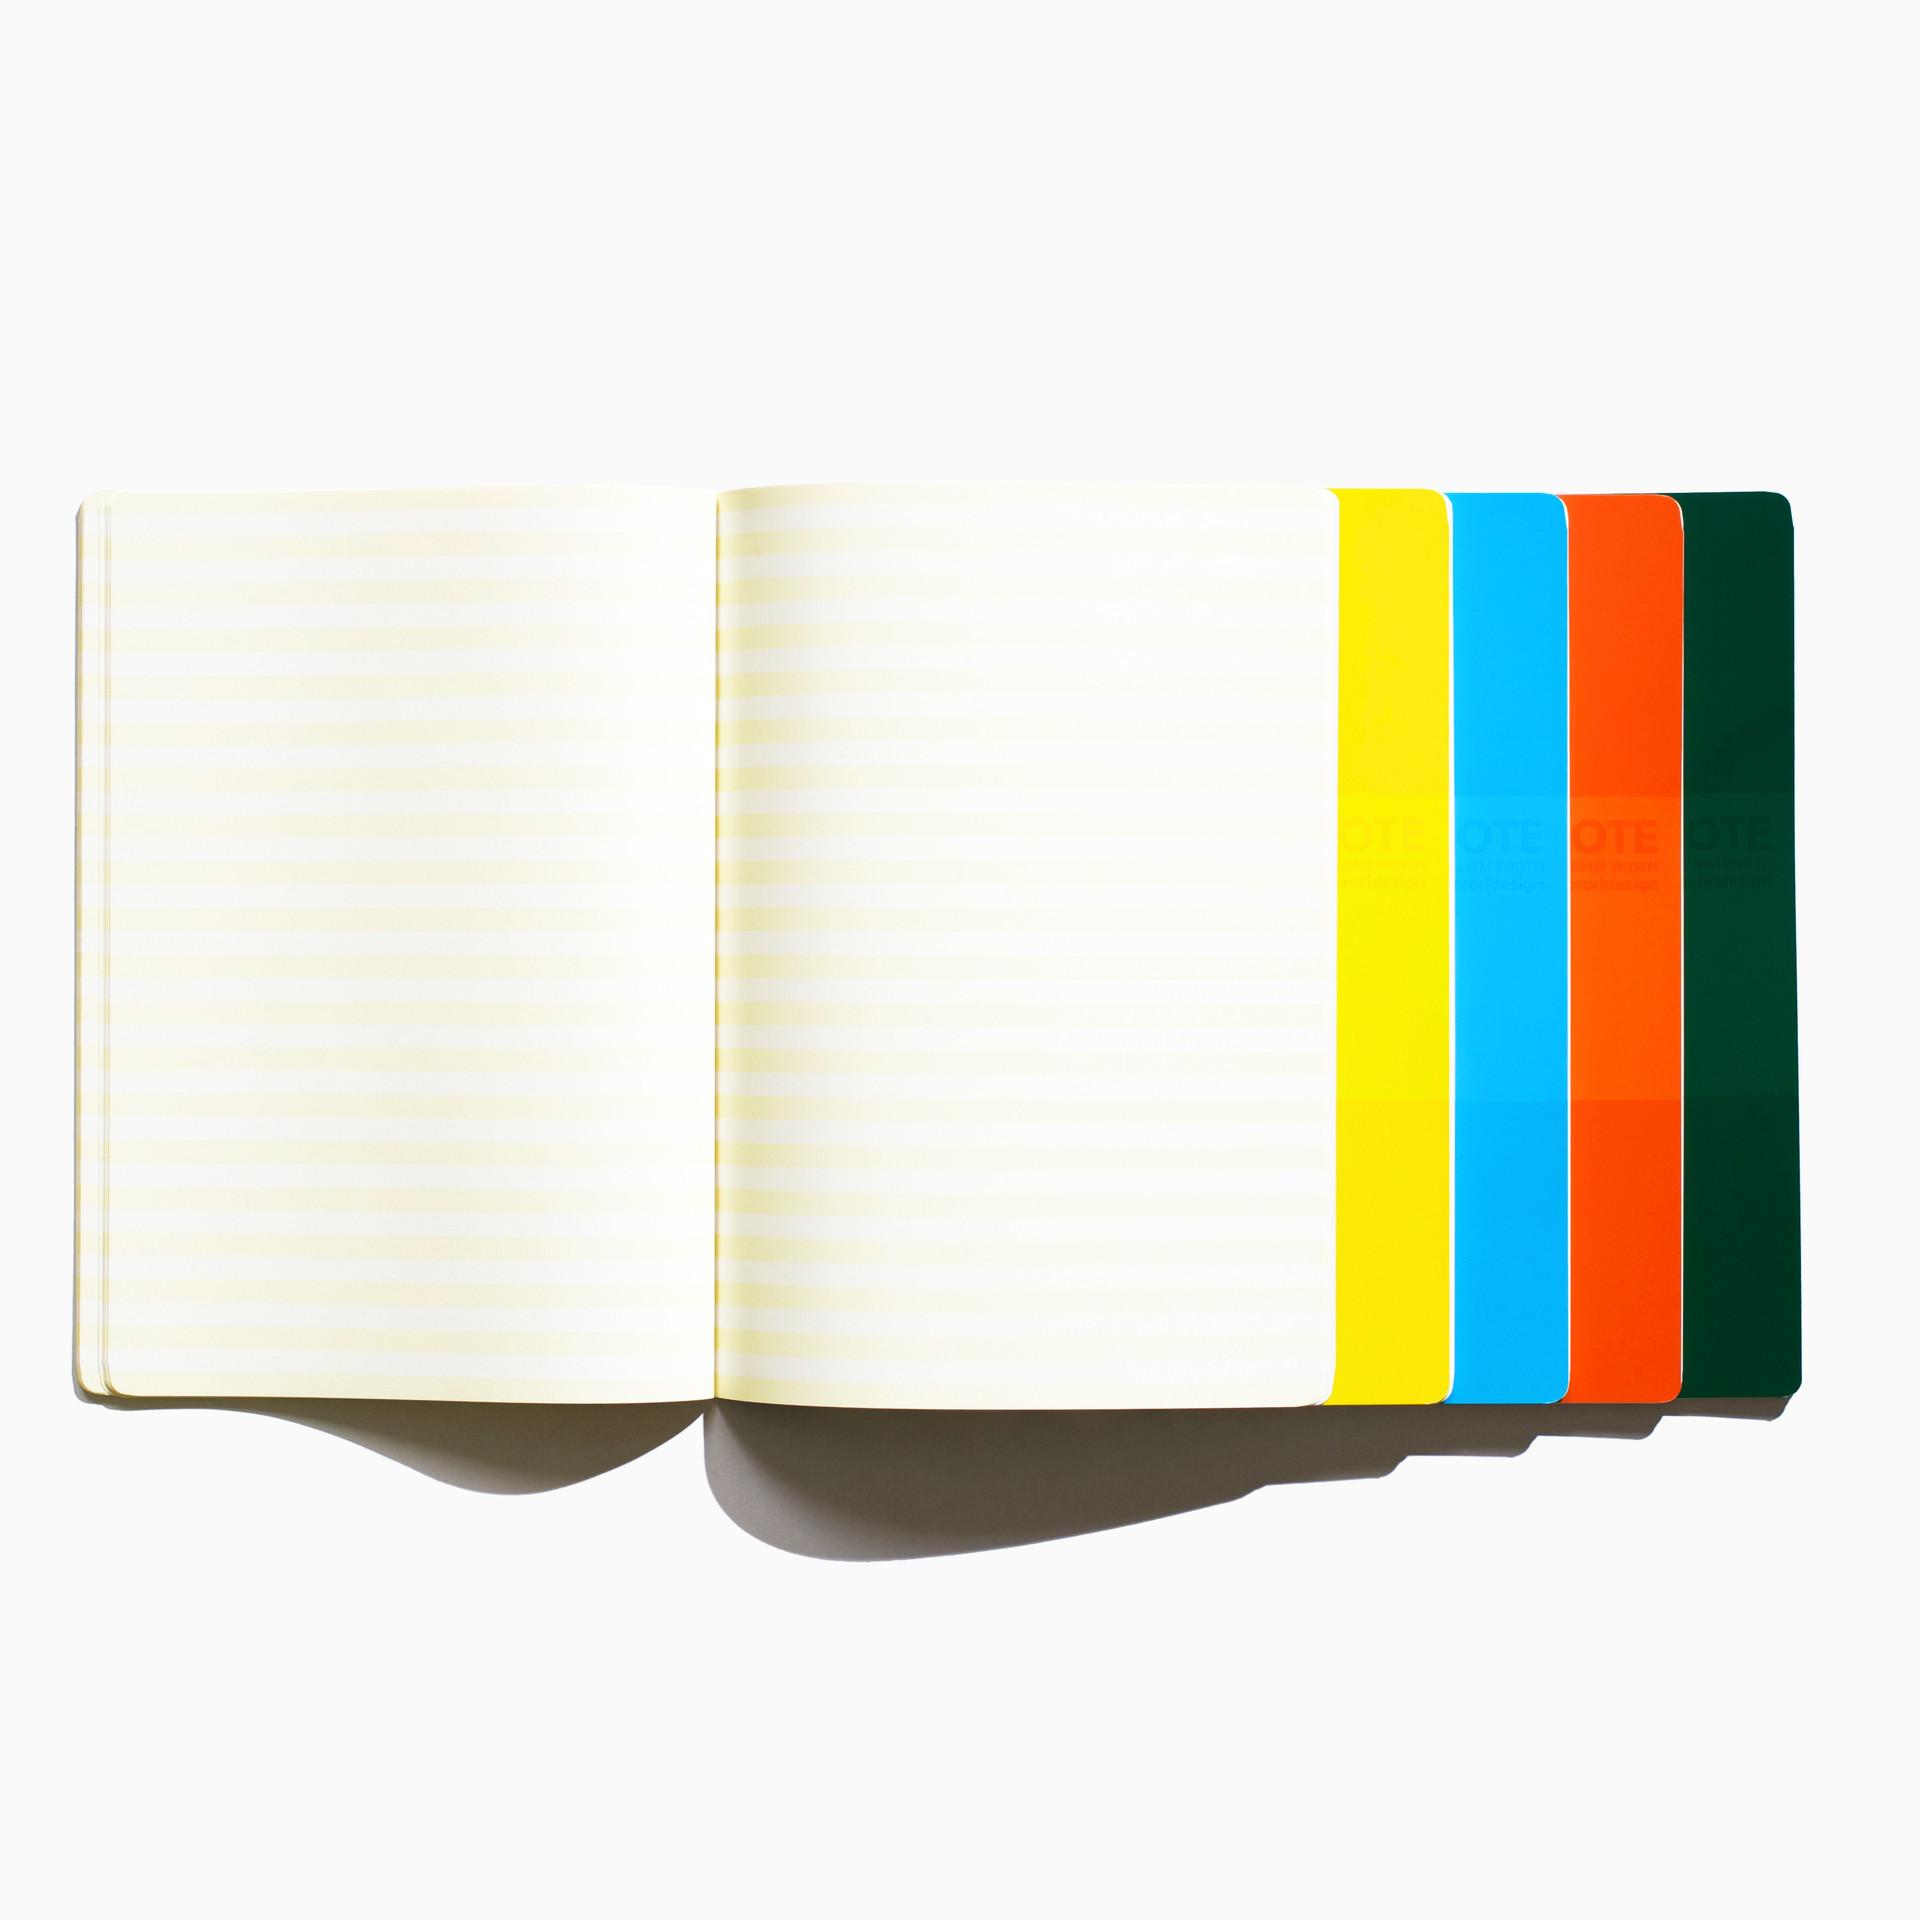 ノートブックと言えば、罫線で分けられたモノが一般的です。でもそれは、勉強するにしても、ちょっと楽しくないかもしれません。見た目にも、書いてても、もっと楽しくなれば良いのに。